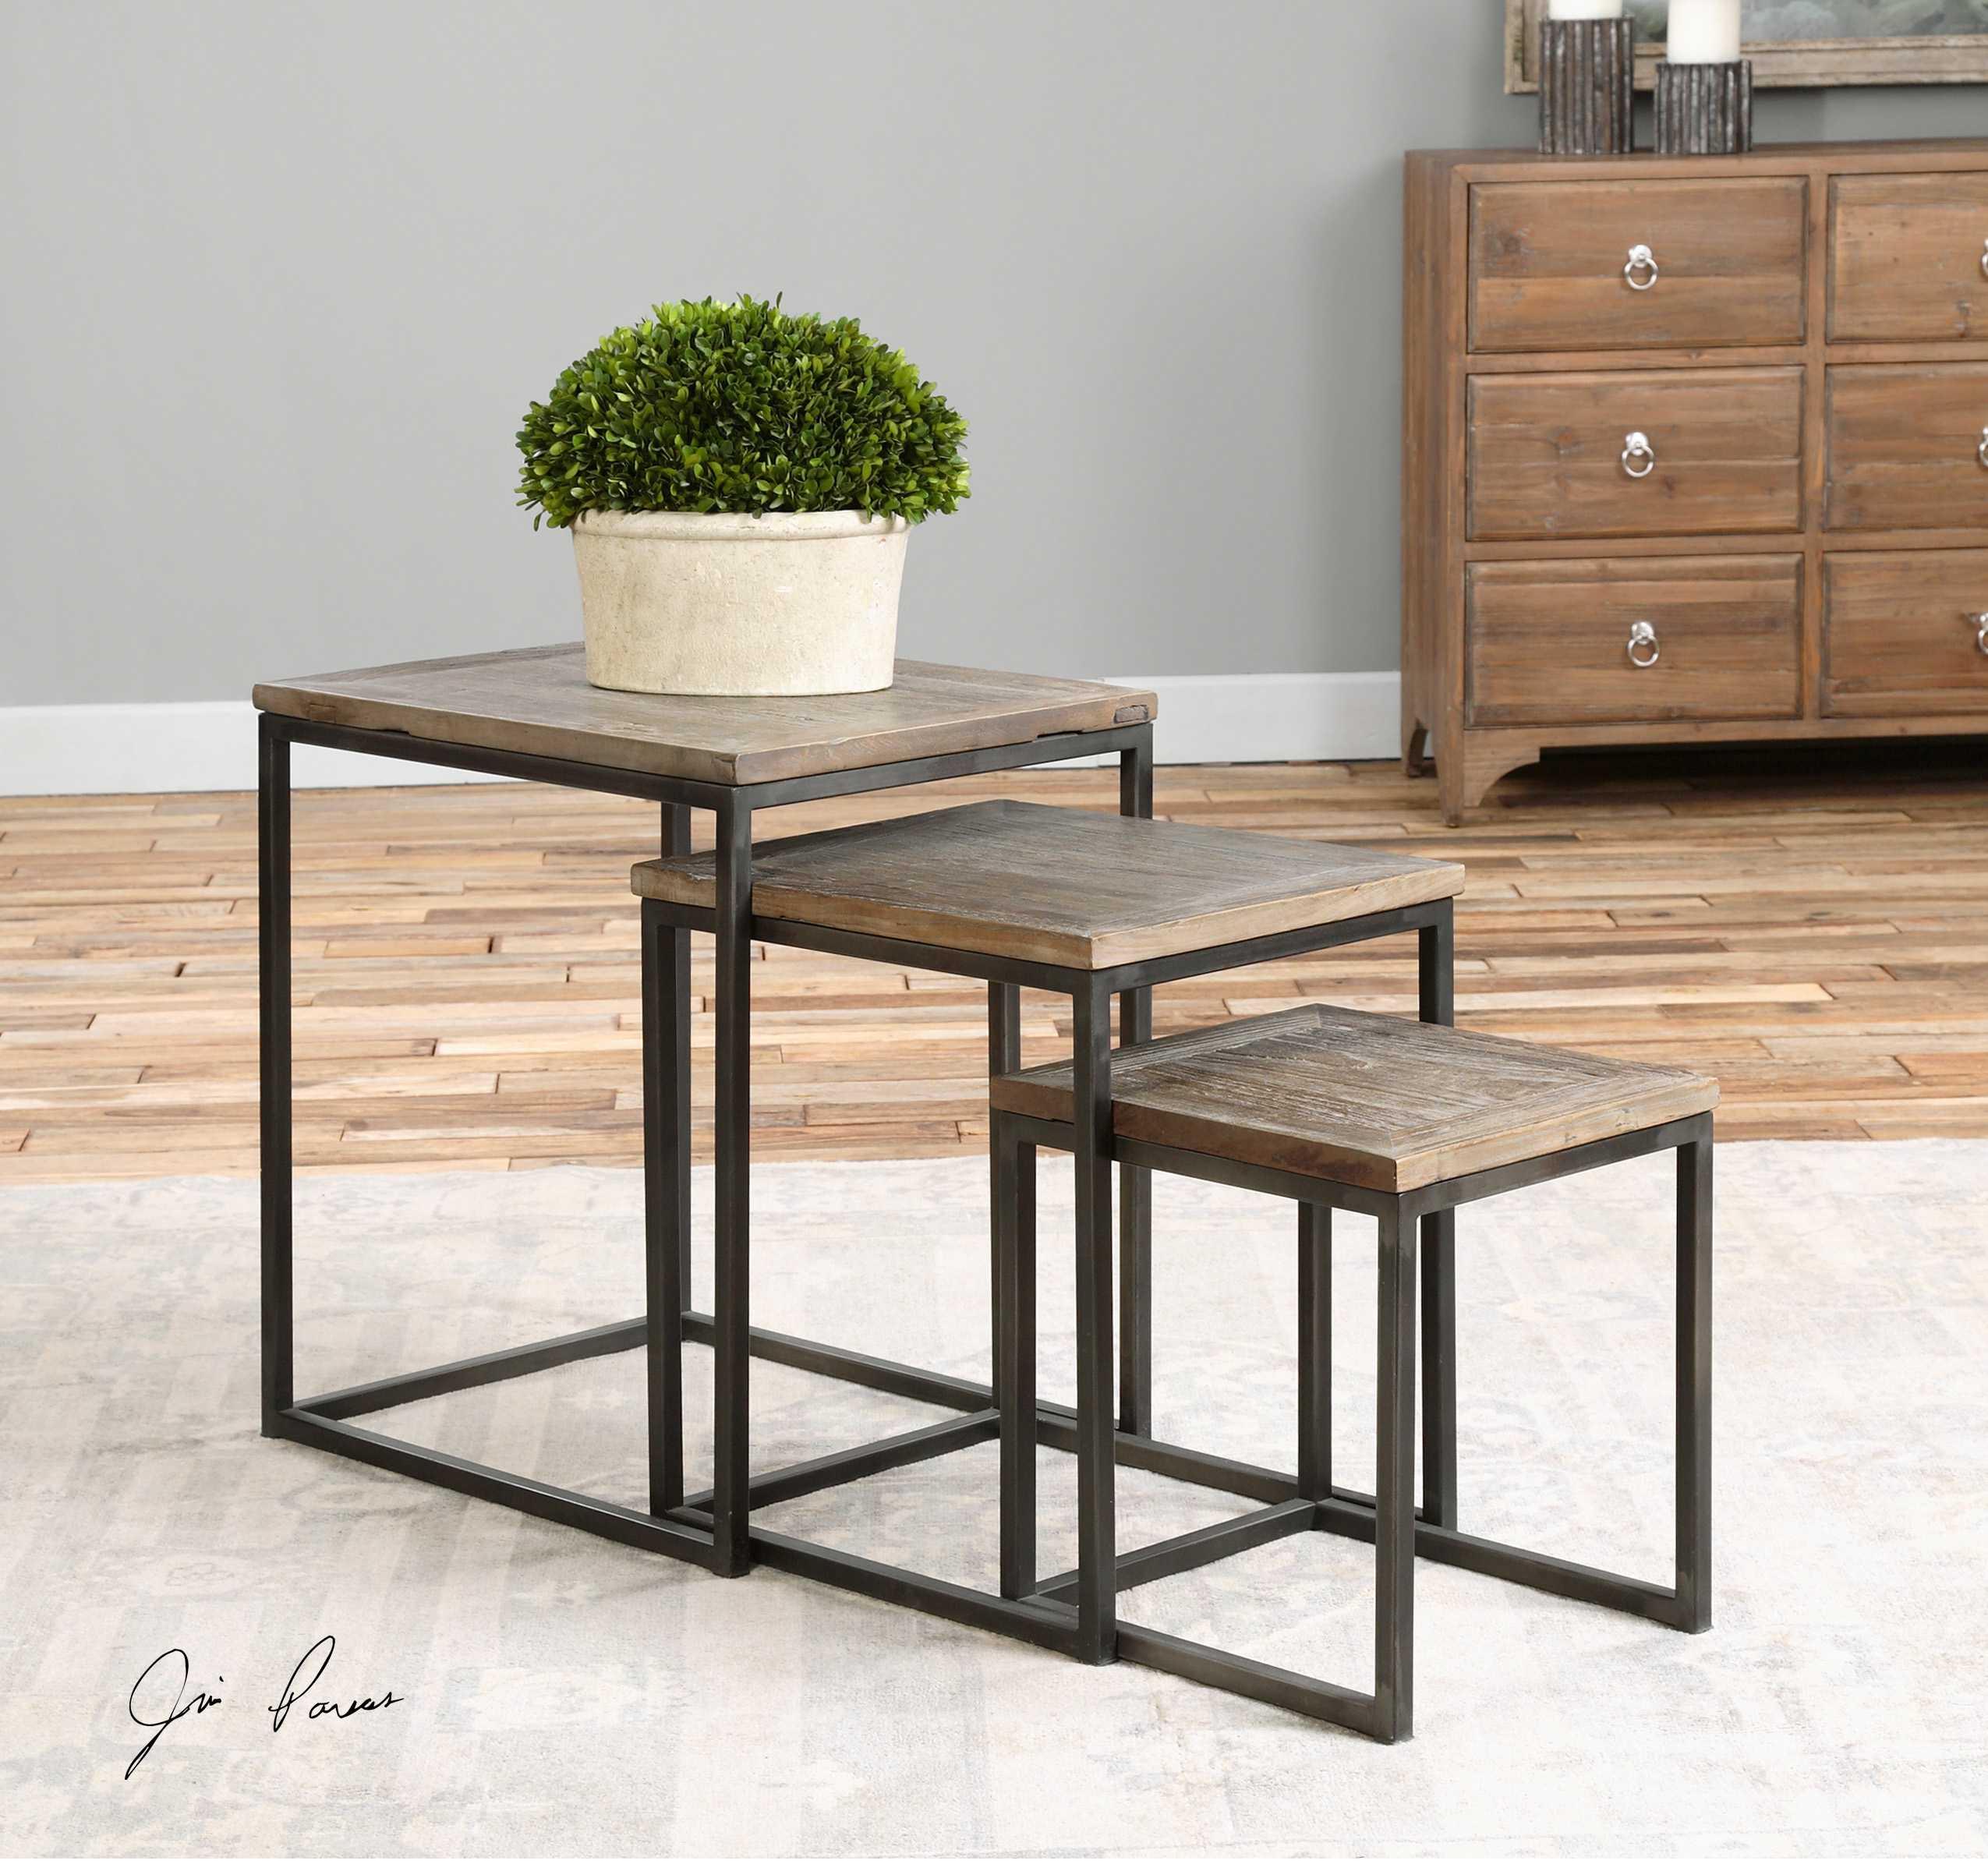 Uttermost Bomani 23.62 x 17.72 Rectangular Wood Nesting Tables (Set of 3) | UT24460